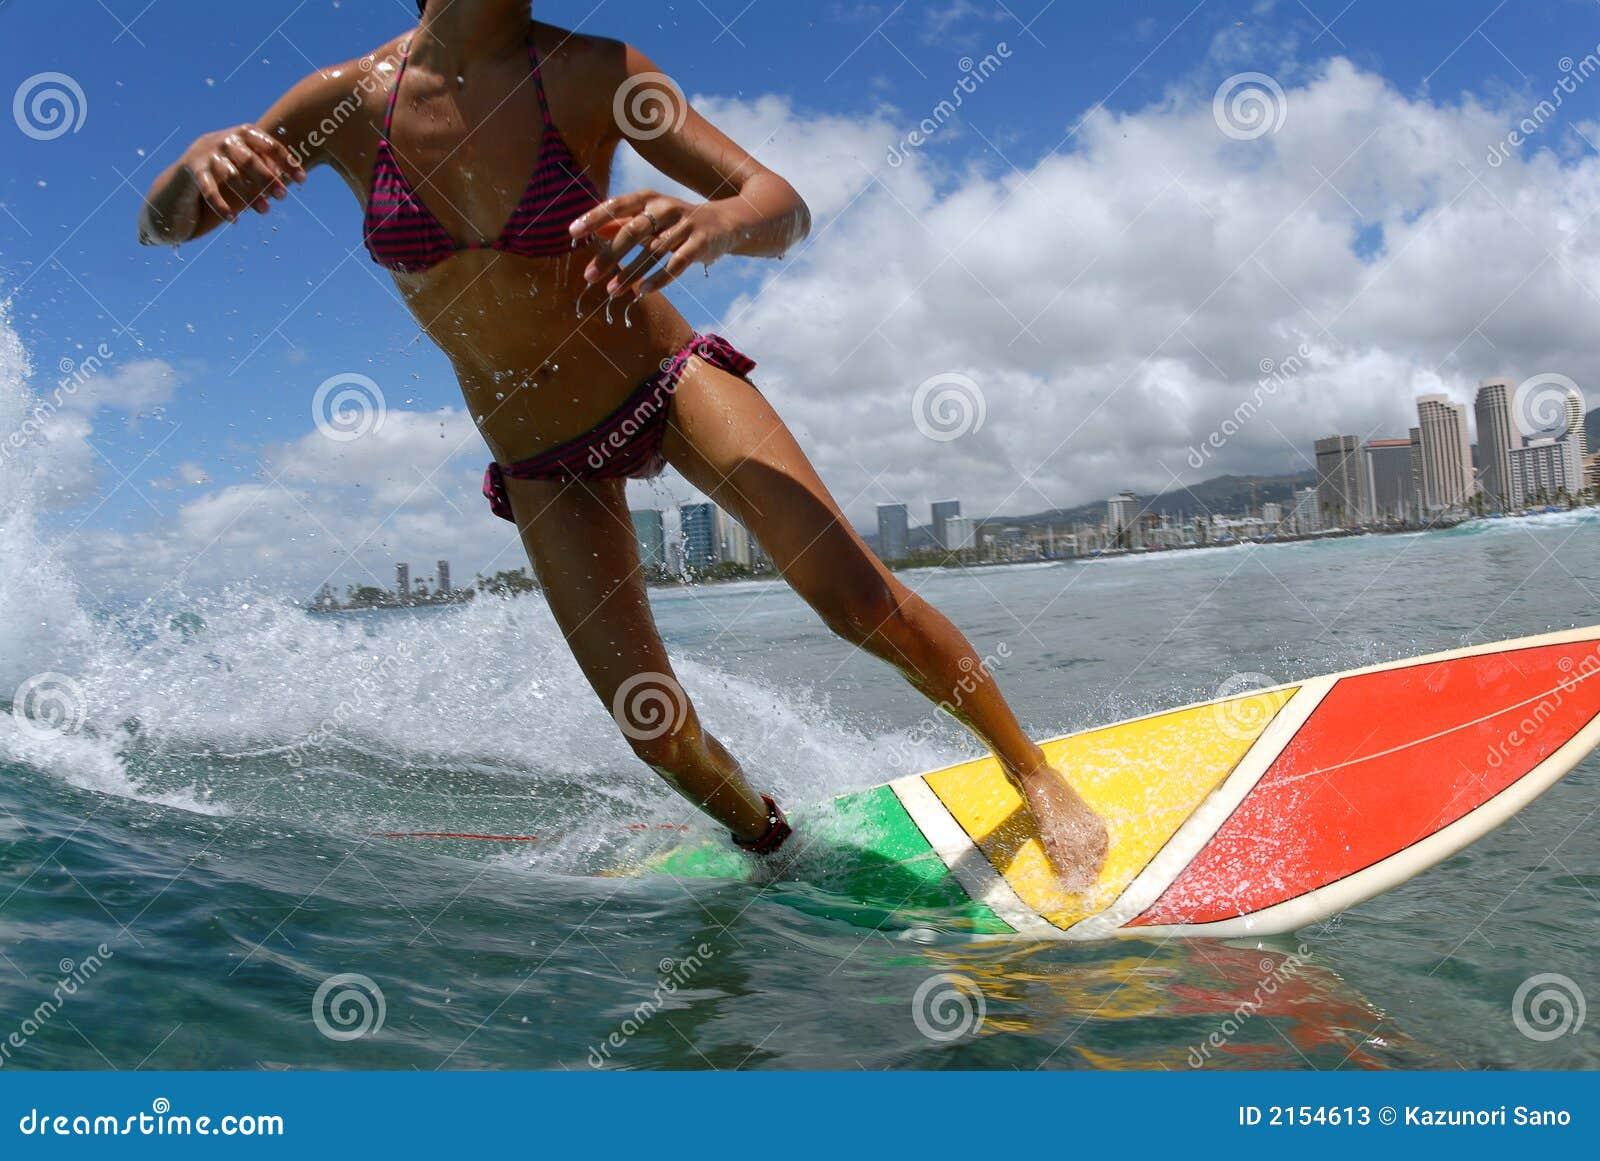 Bikini-Surfer-Mädchen